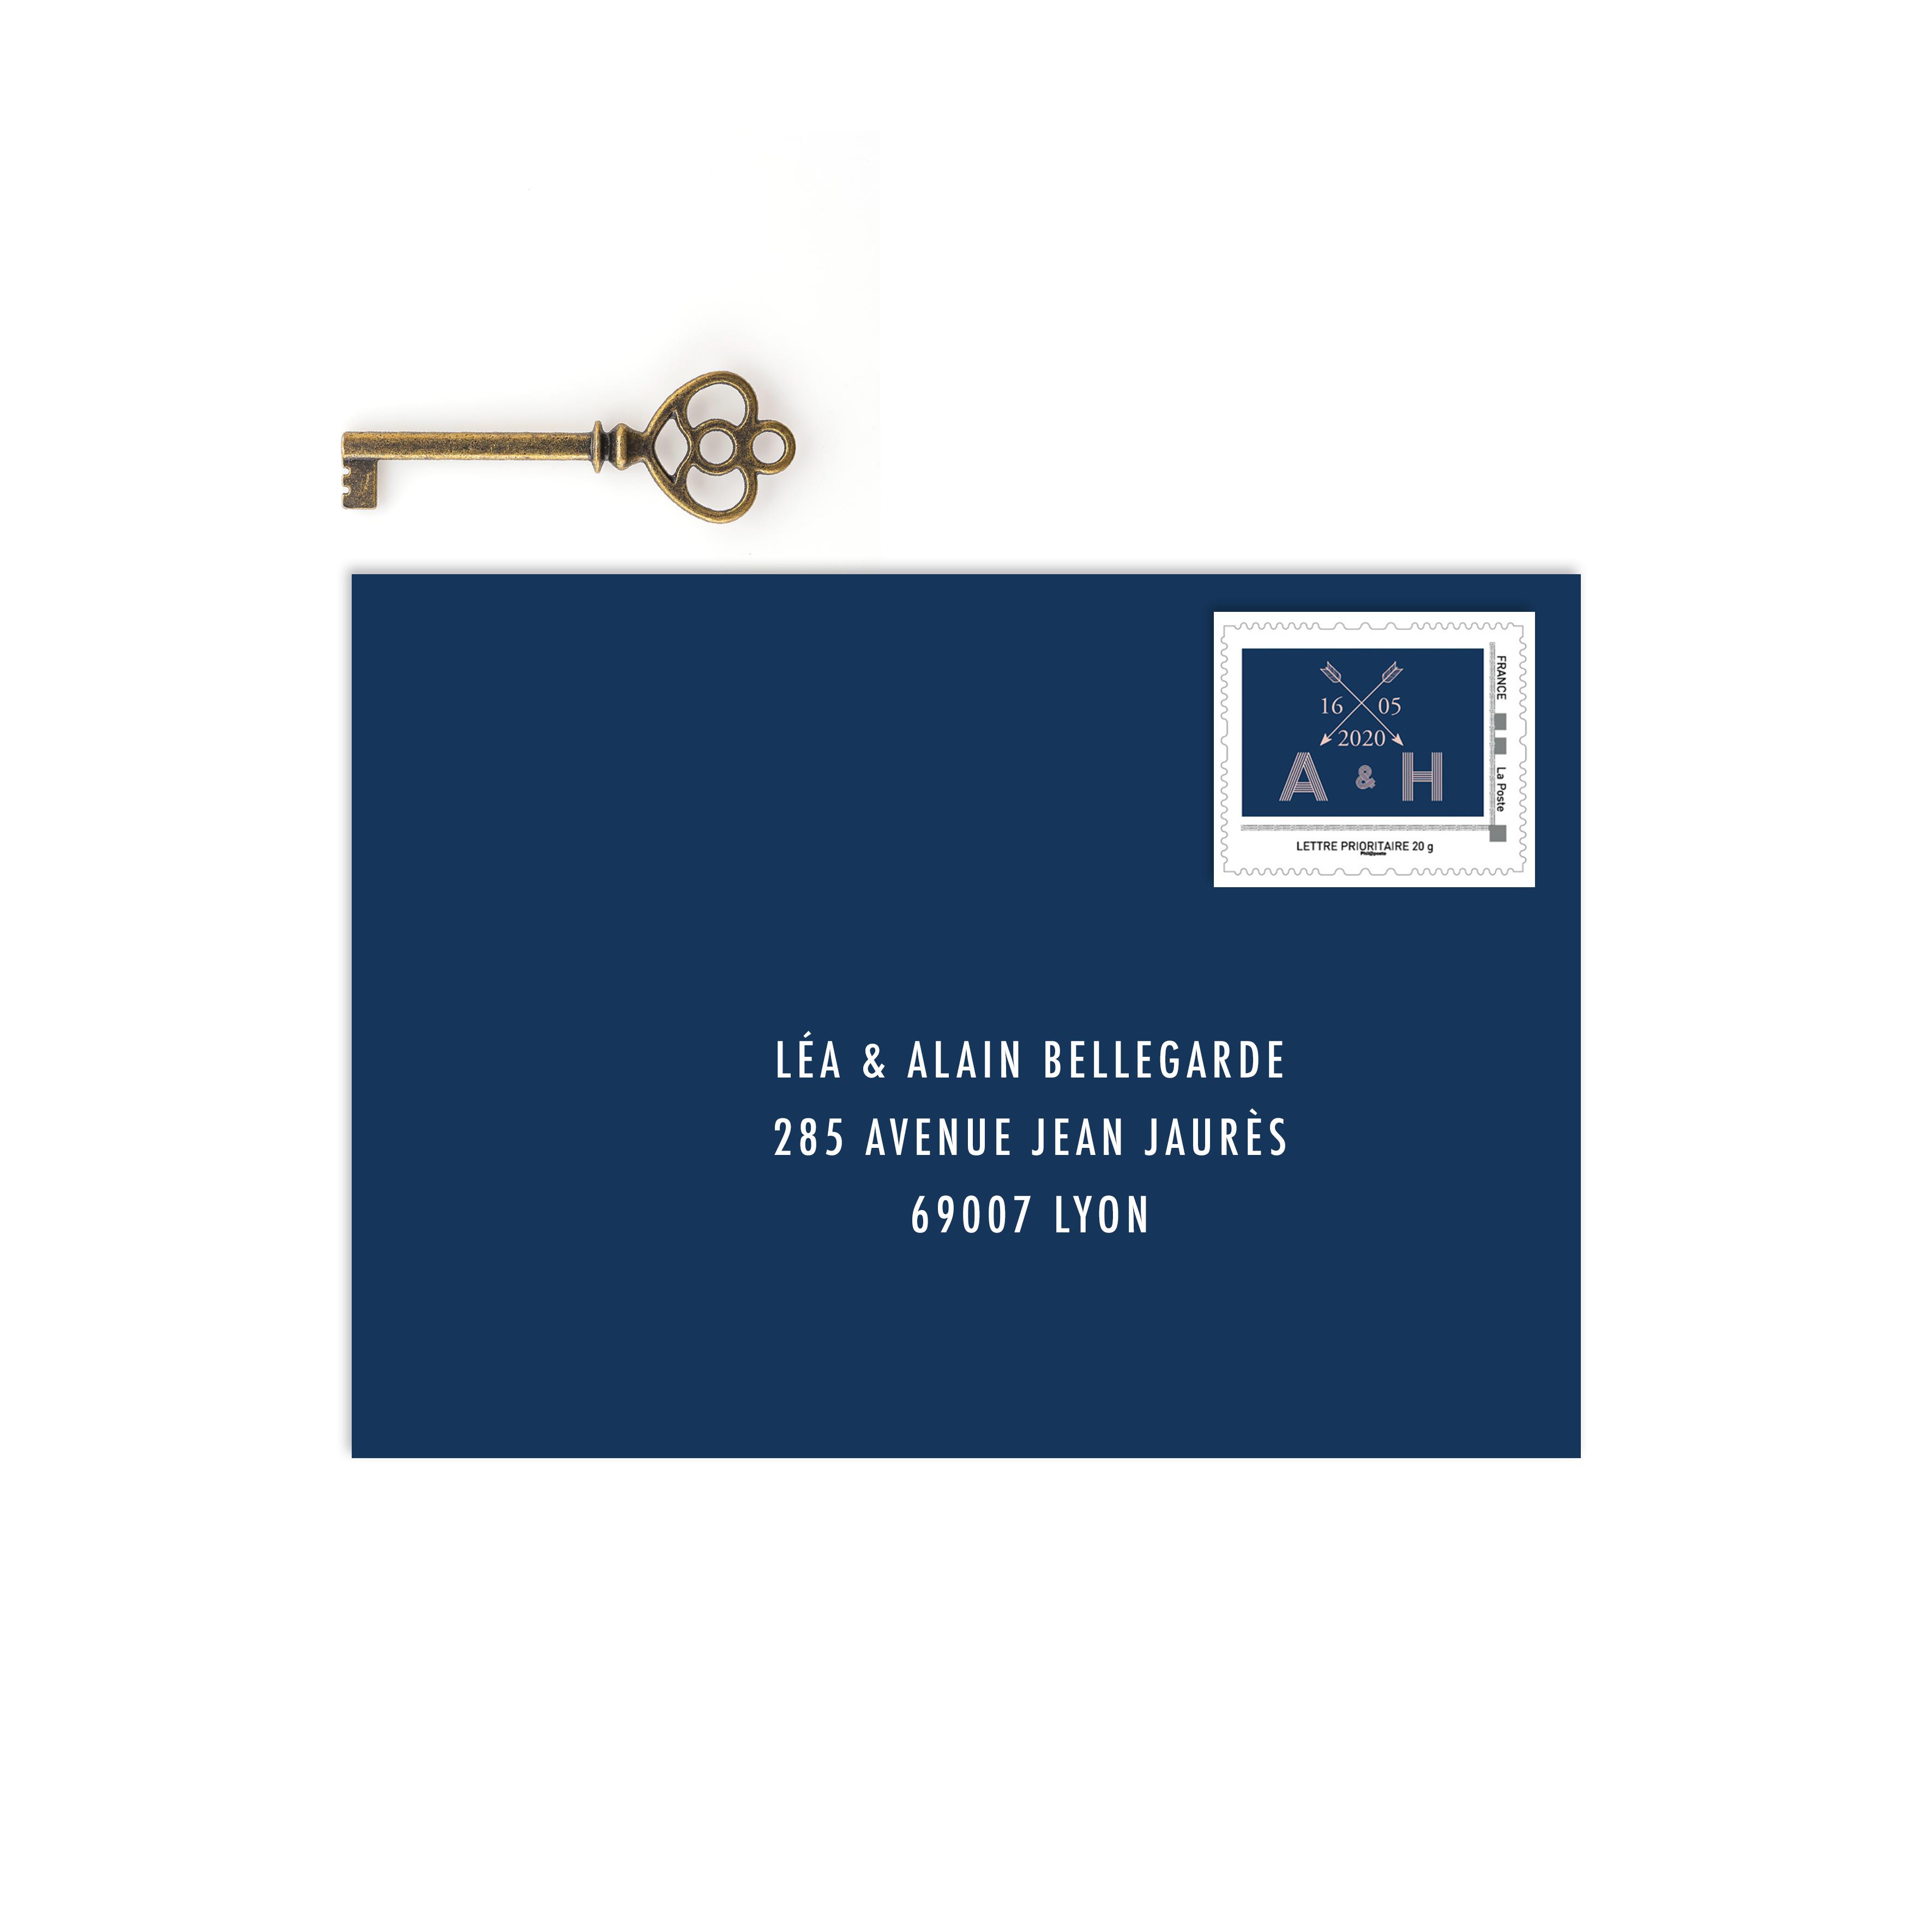 timbre personnalisé mariage I Do, timbre mariage La Poste, visuel timbre faire-part, timbre poste mariage, timbre mariage faire part, timbre prénoms mariés, timbre mariage cinéma - La Papeterie de Paris